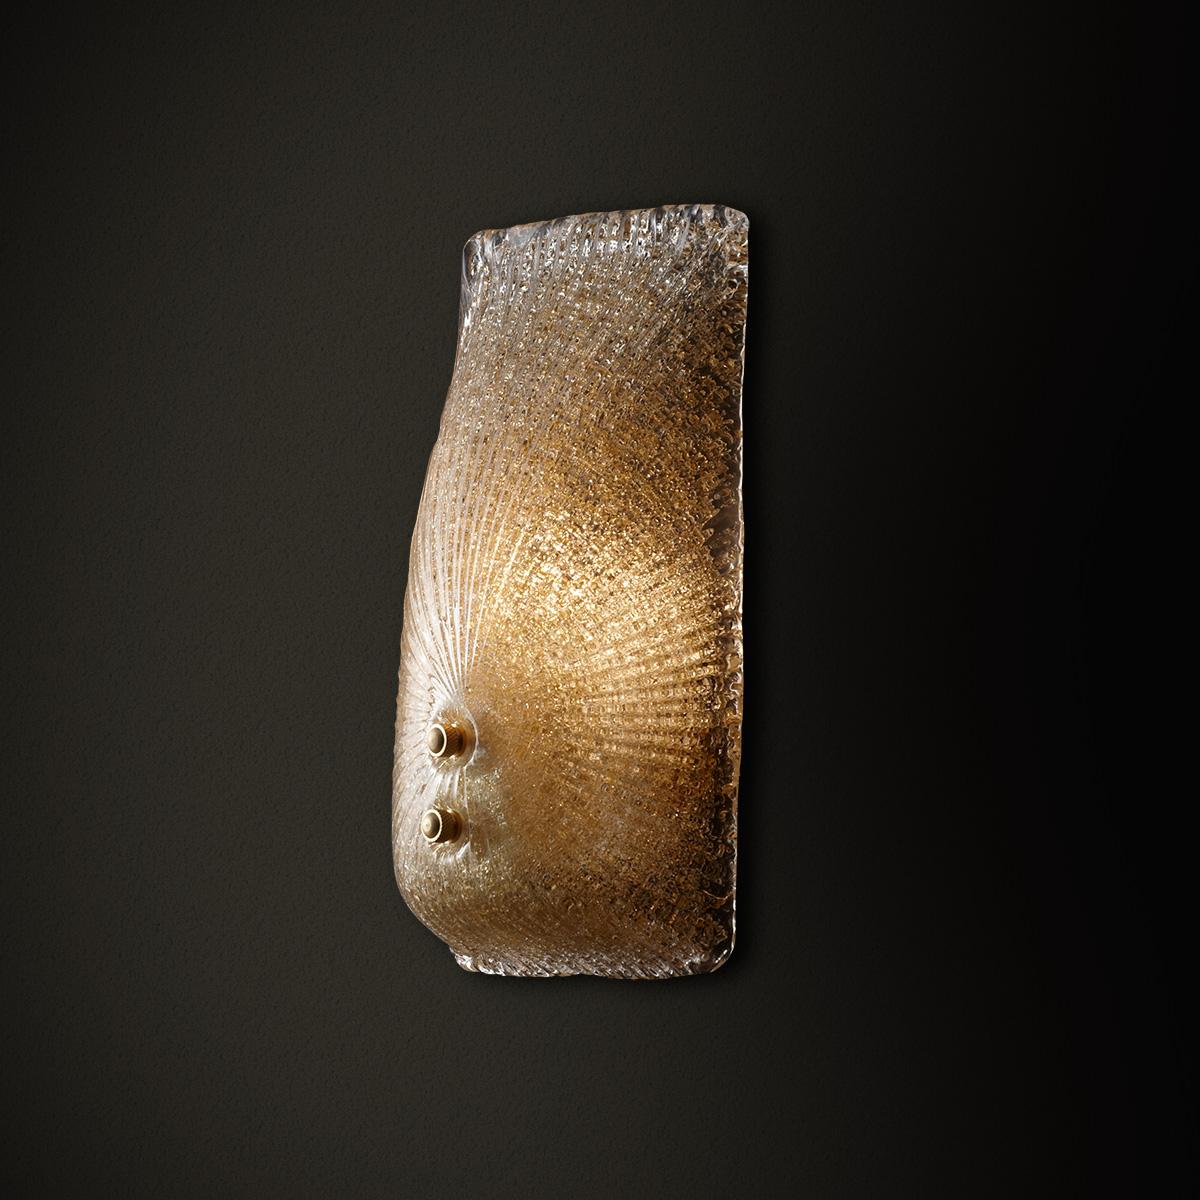 Κλασική μελί απλίκα ΚΟΥΡΟΣ classic amber wall lamp